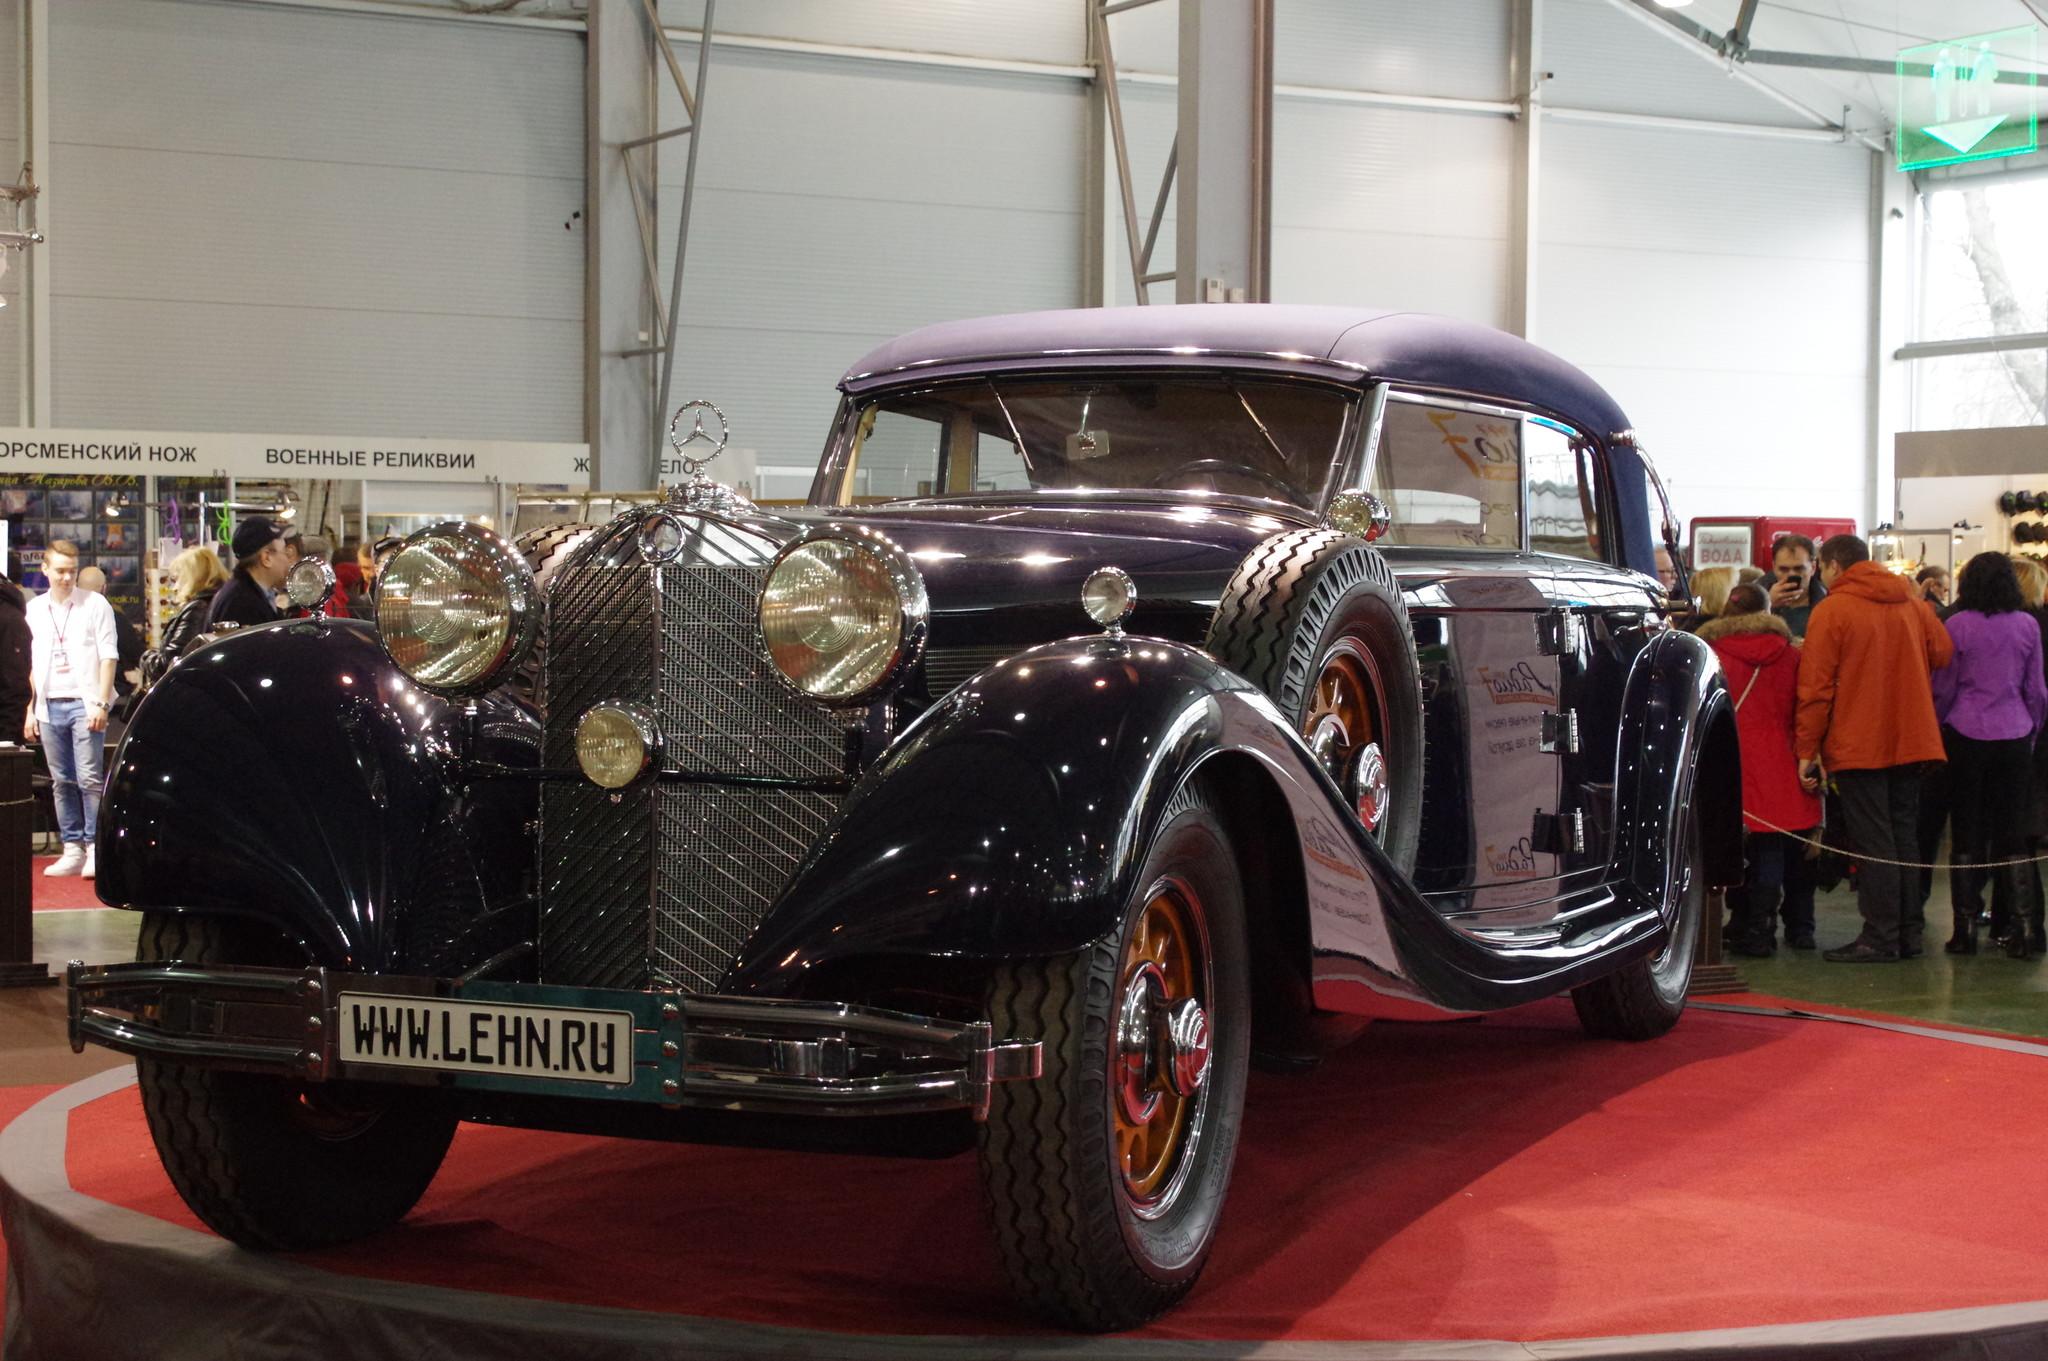 25-я выставка старинных автомобилей «Олдтаймер-Галерея» 2016 года в КВЦ «Сокольники»